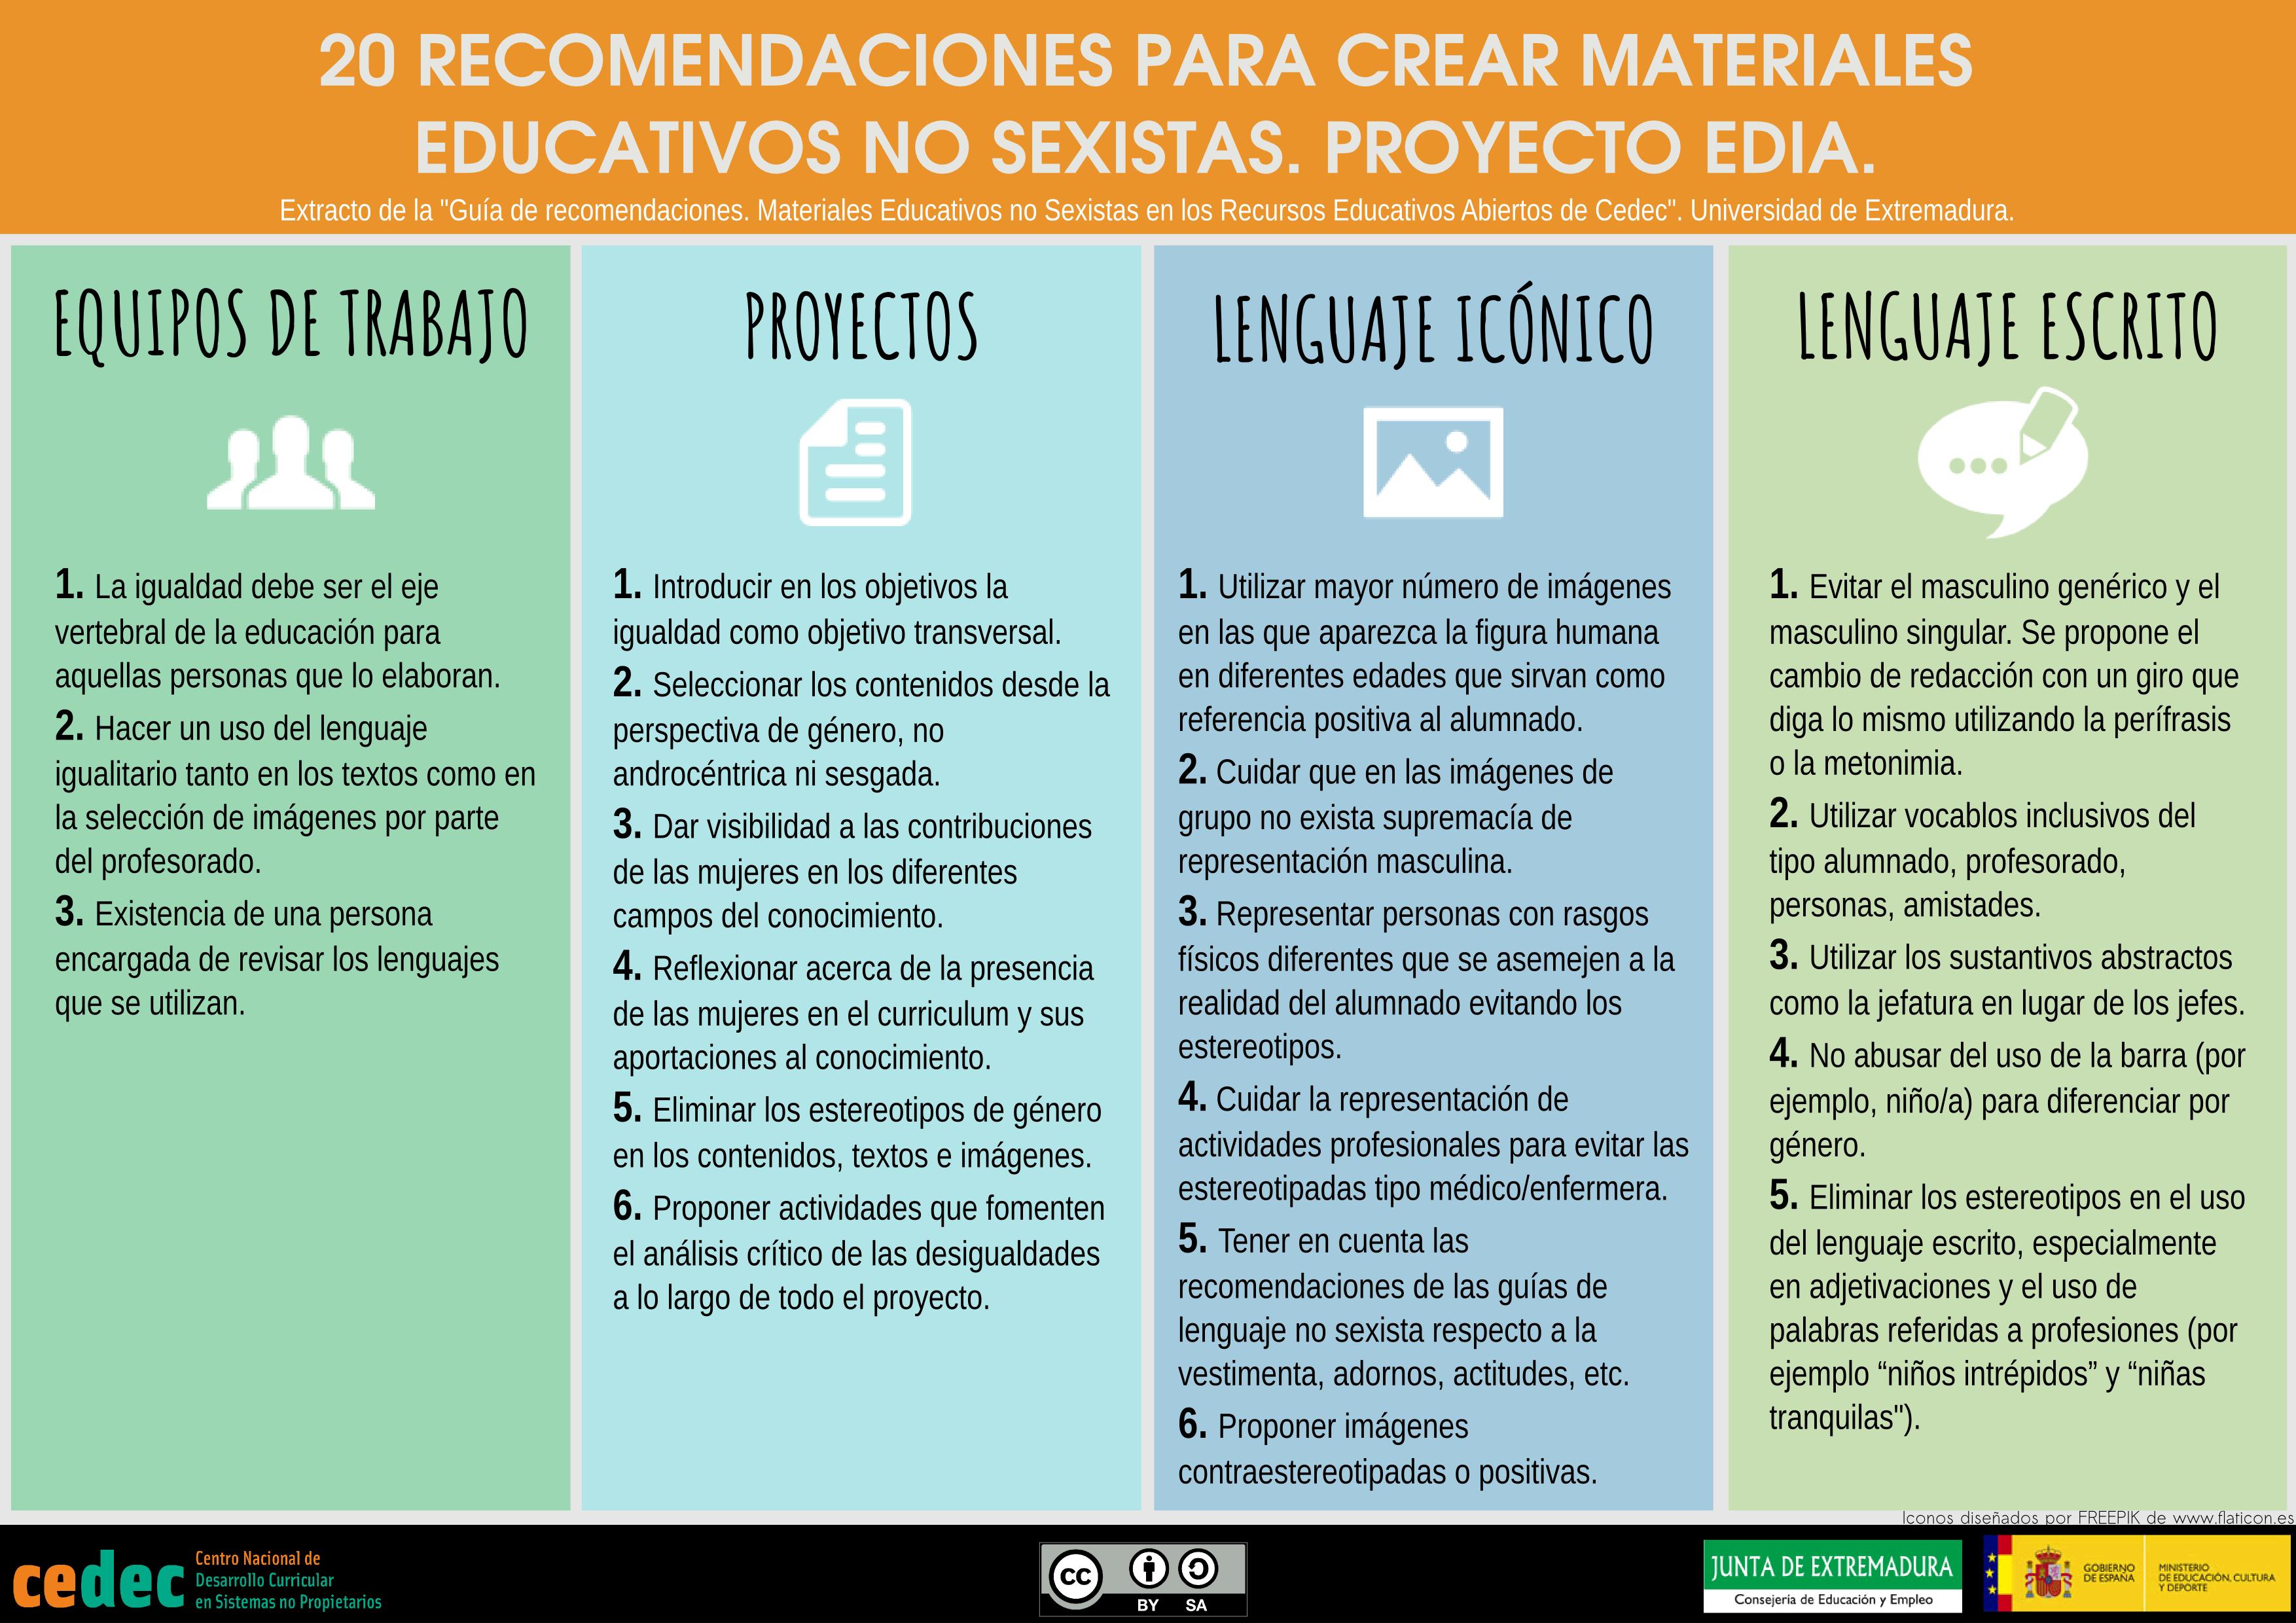 20 recomendaciones para crear materiales educativos no sexistas.